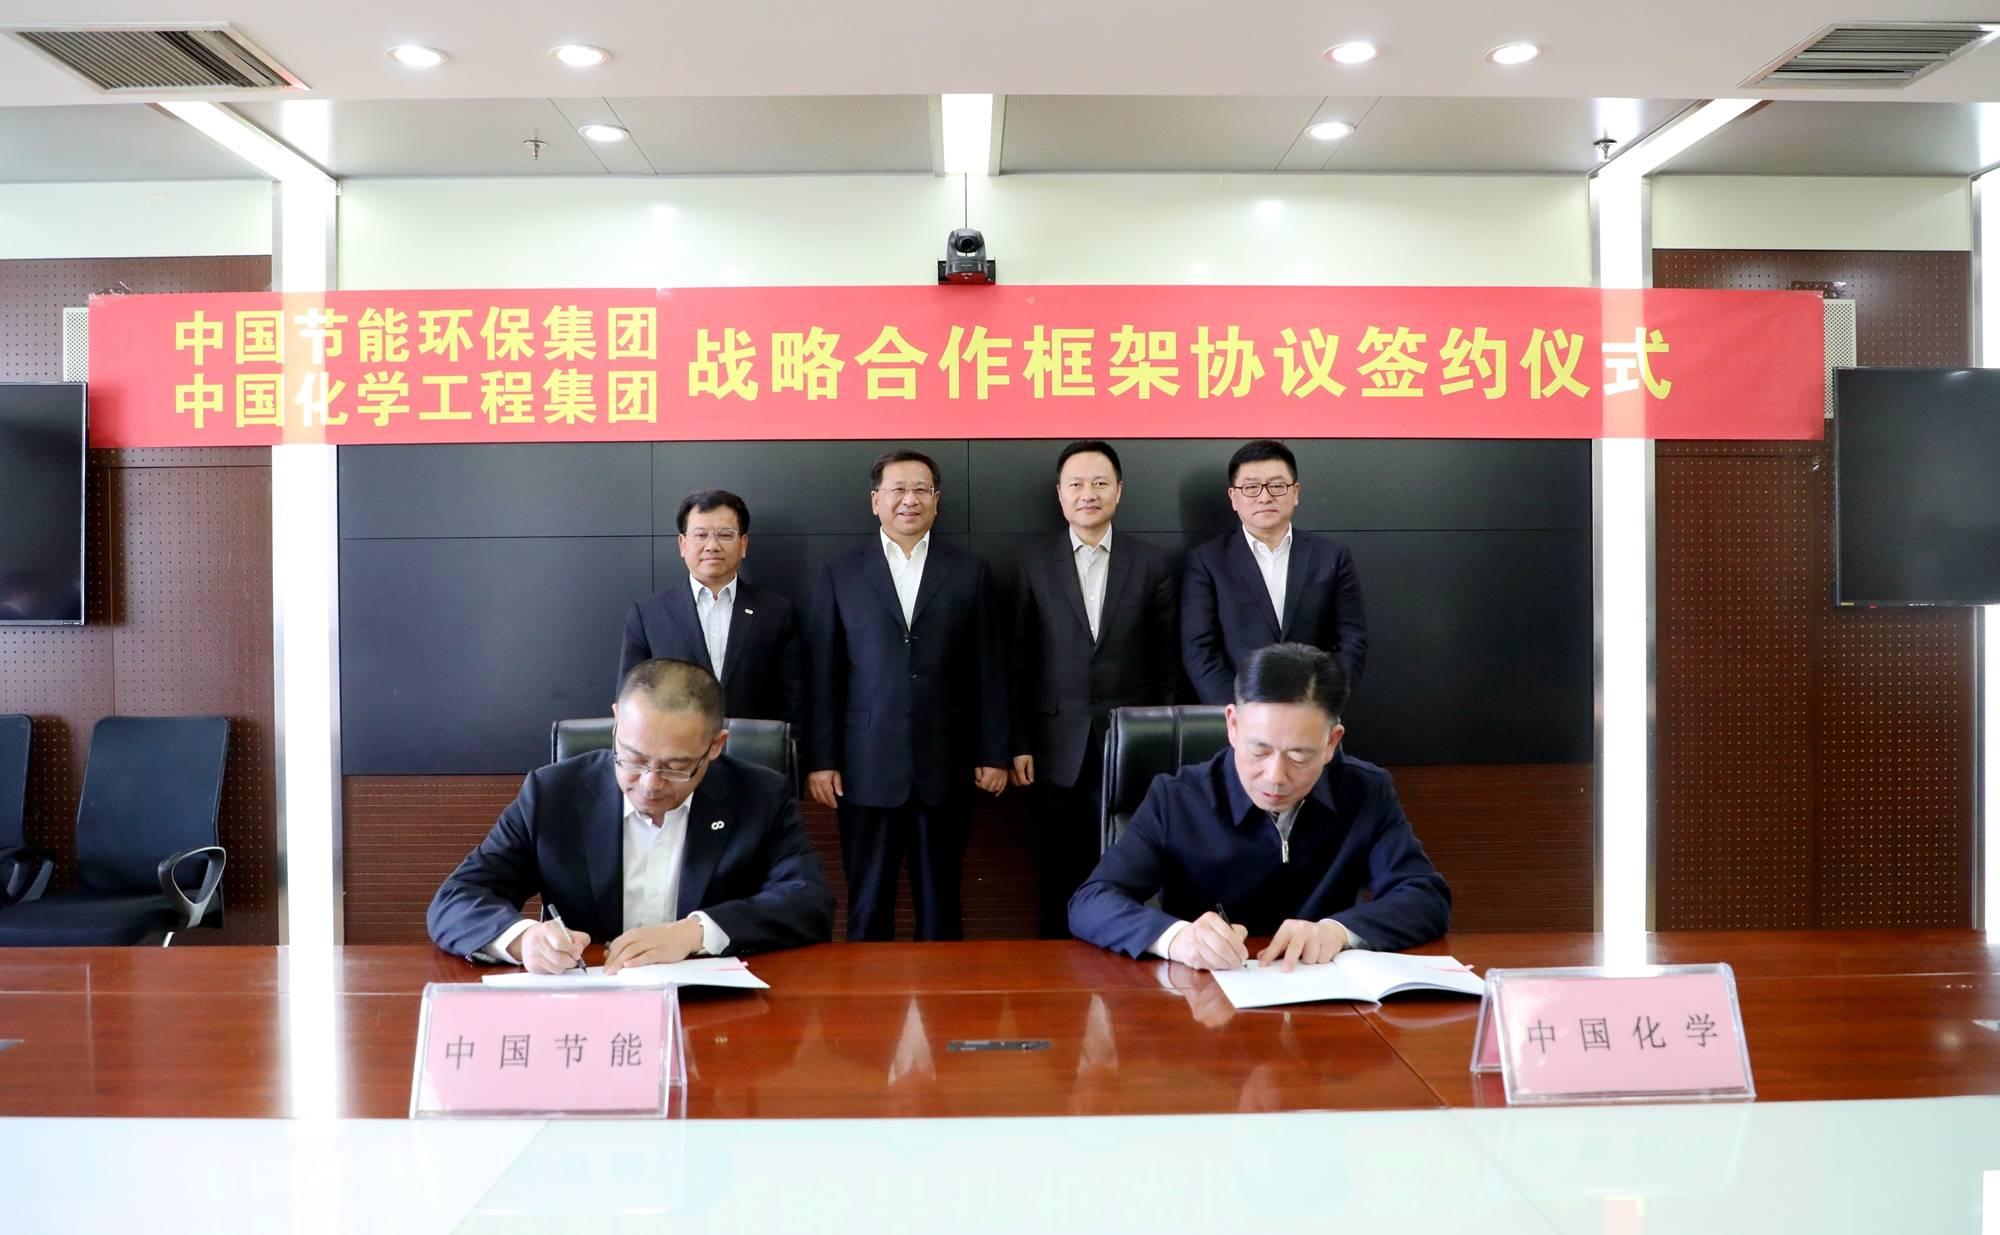 中国节能与中国化学工程签署战略合作协议